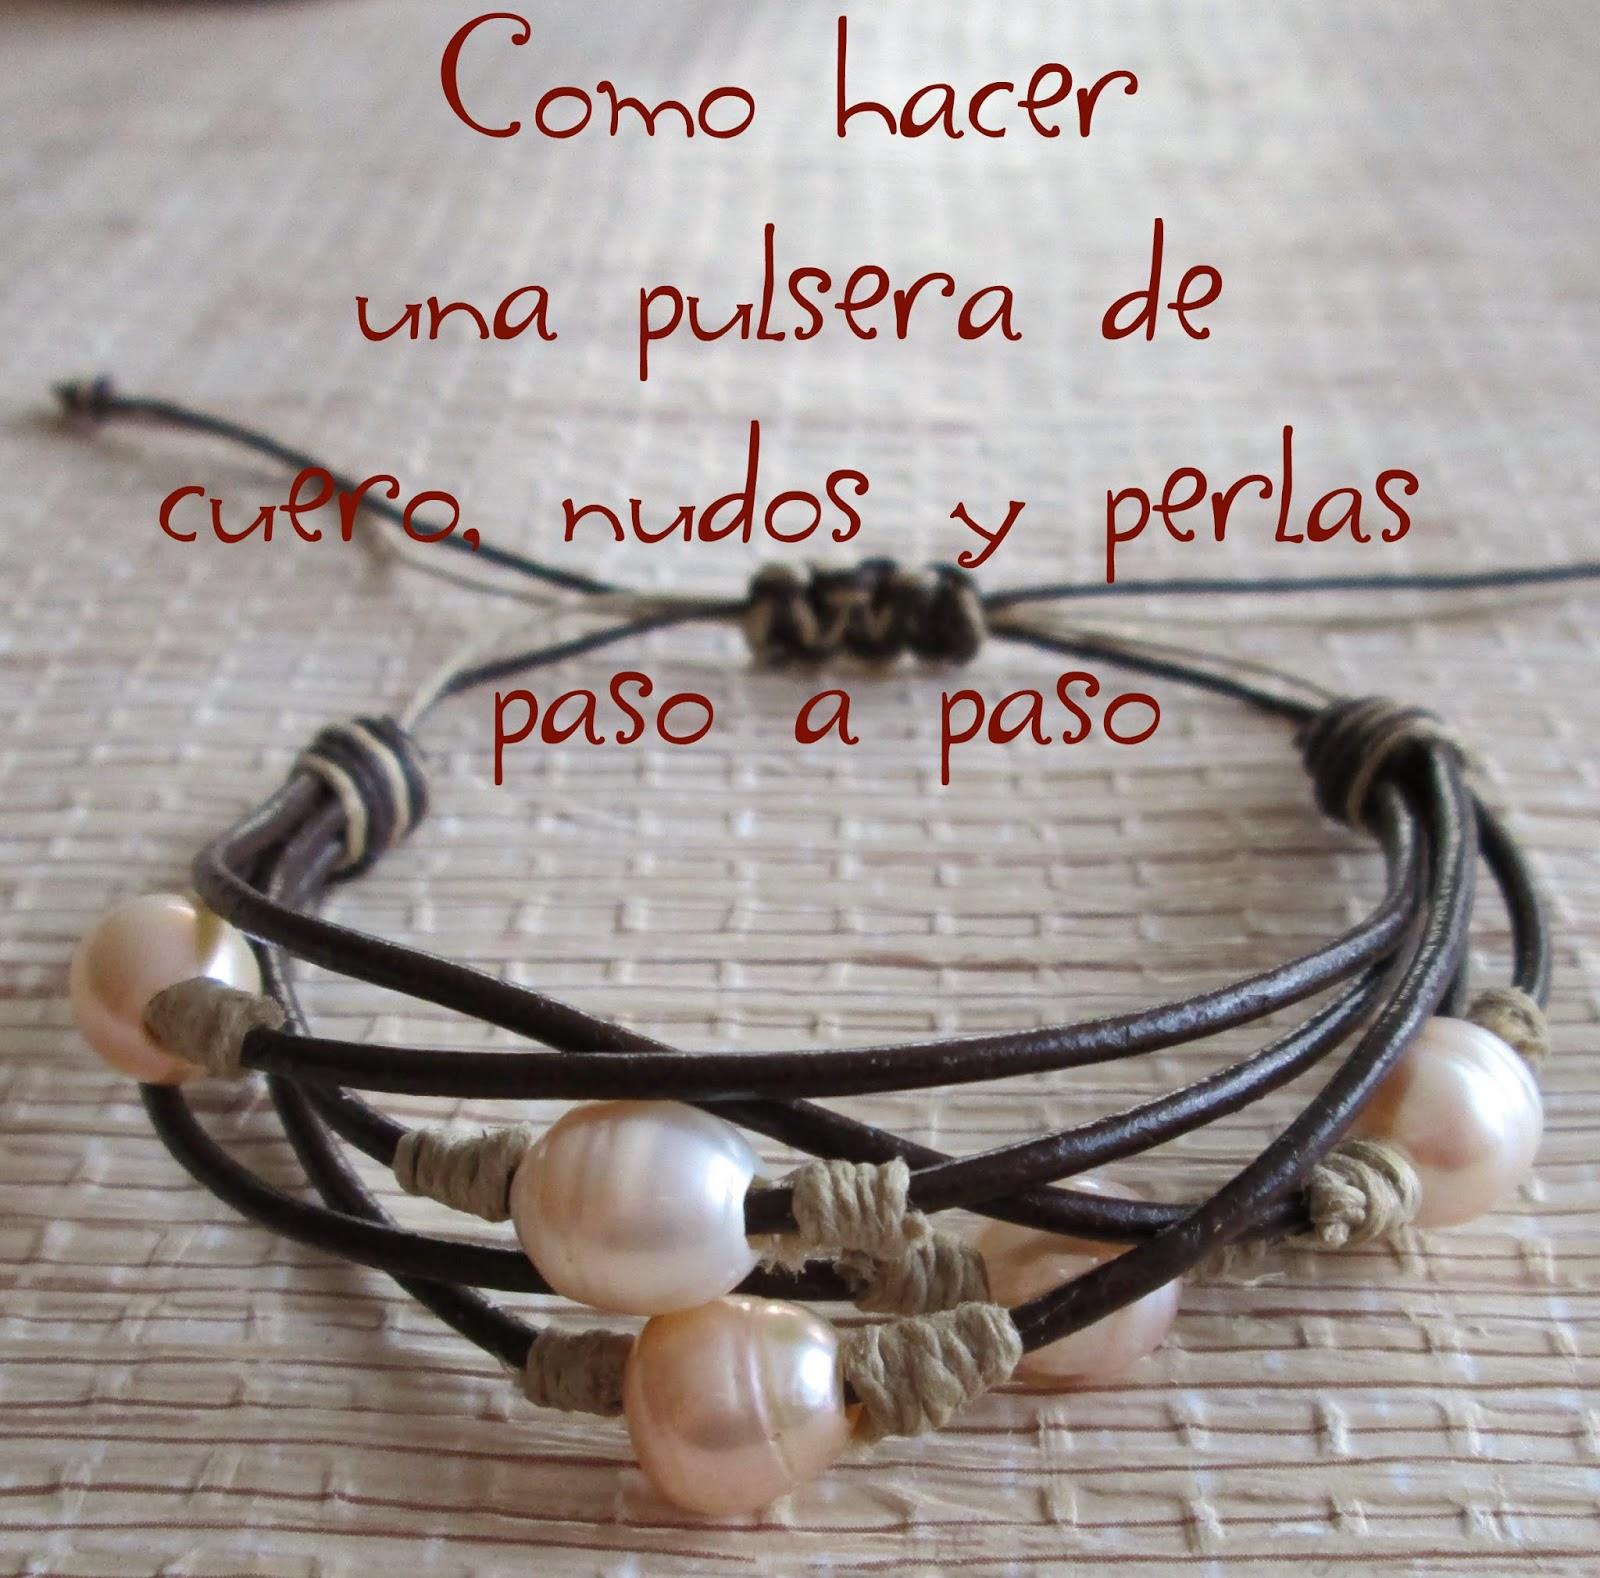 pulsera de cuero nudos y perlas paso a paso, pulseras de moda, pulseras tendencia